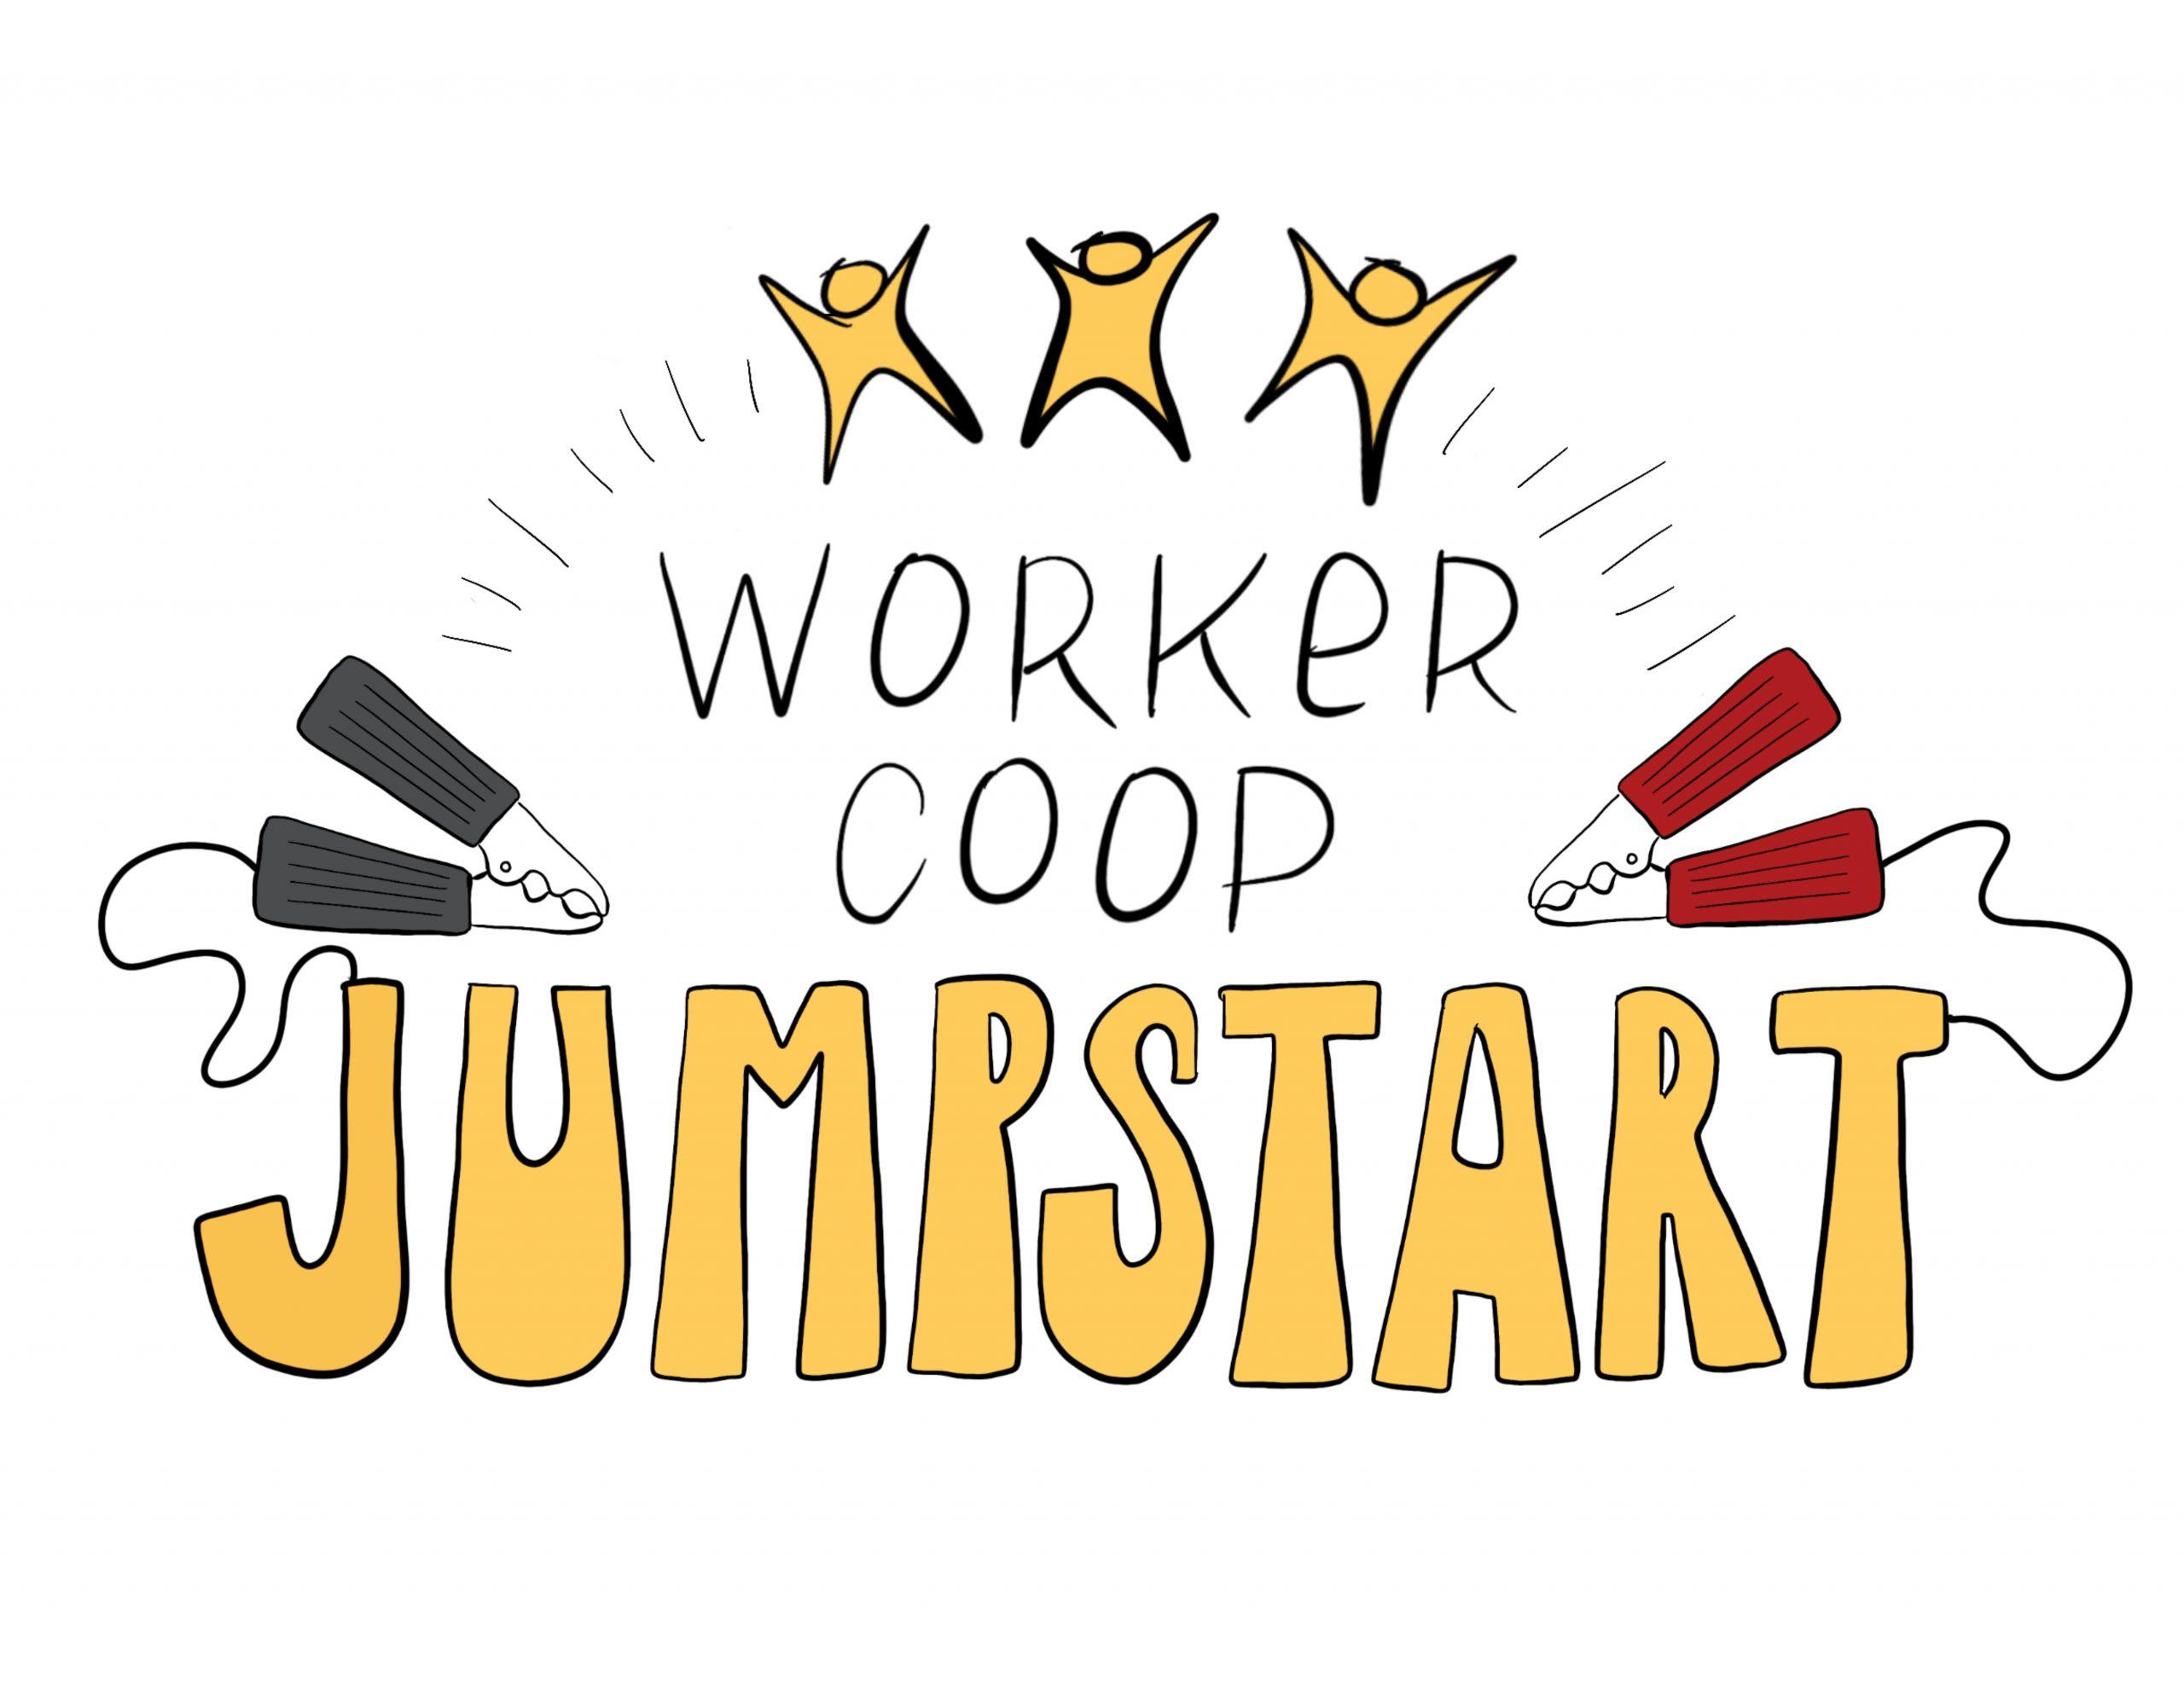 worker co-op jumpstart